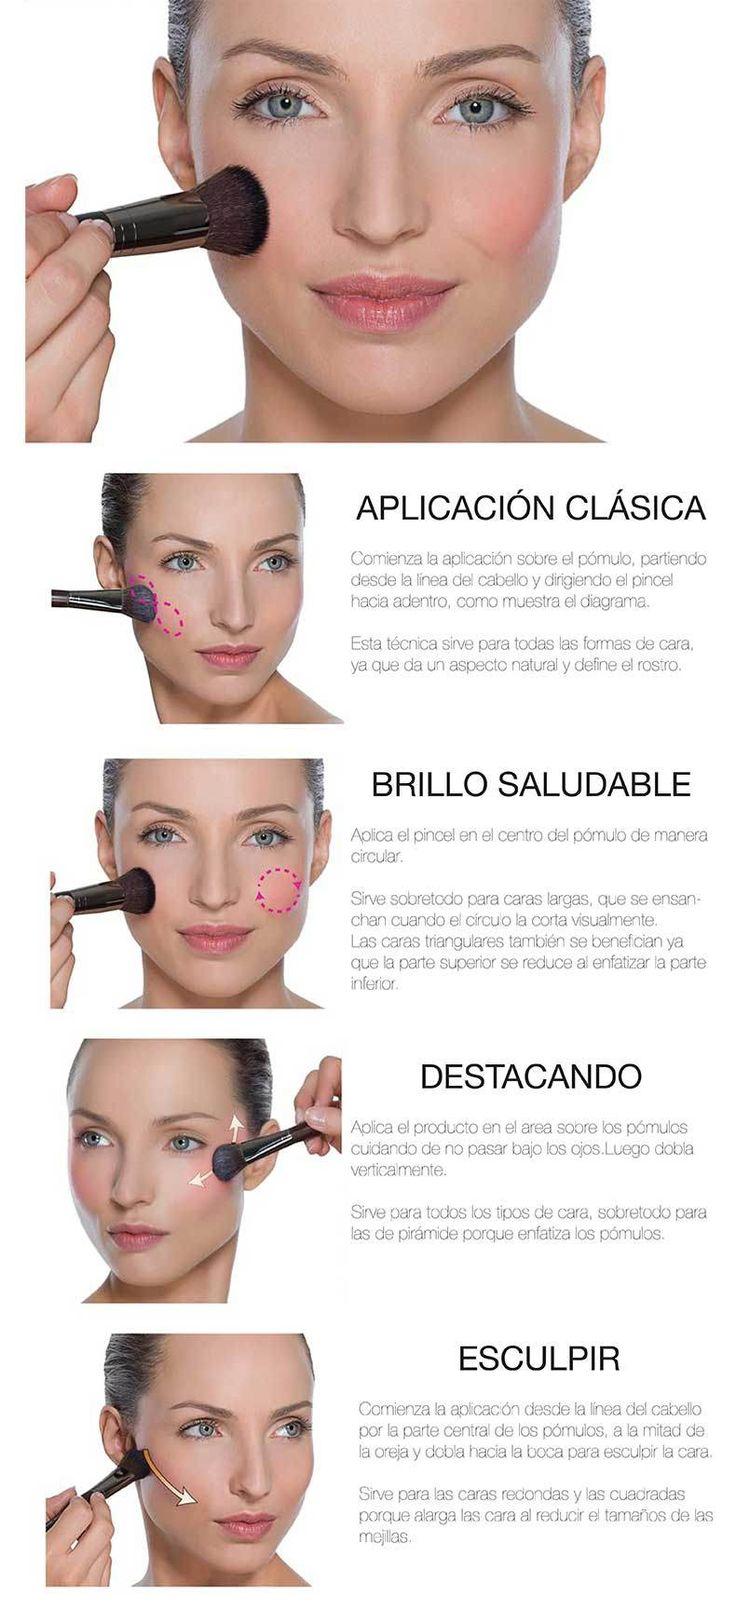 Aplicación del #colorete #rubor. Mucho más sobre maquillaje en www.rincondebelleza.com